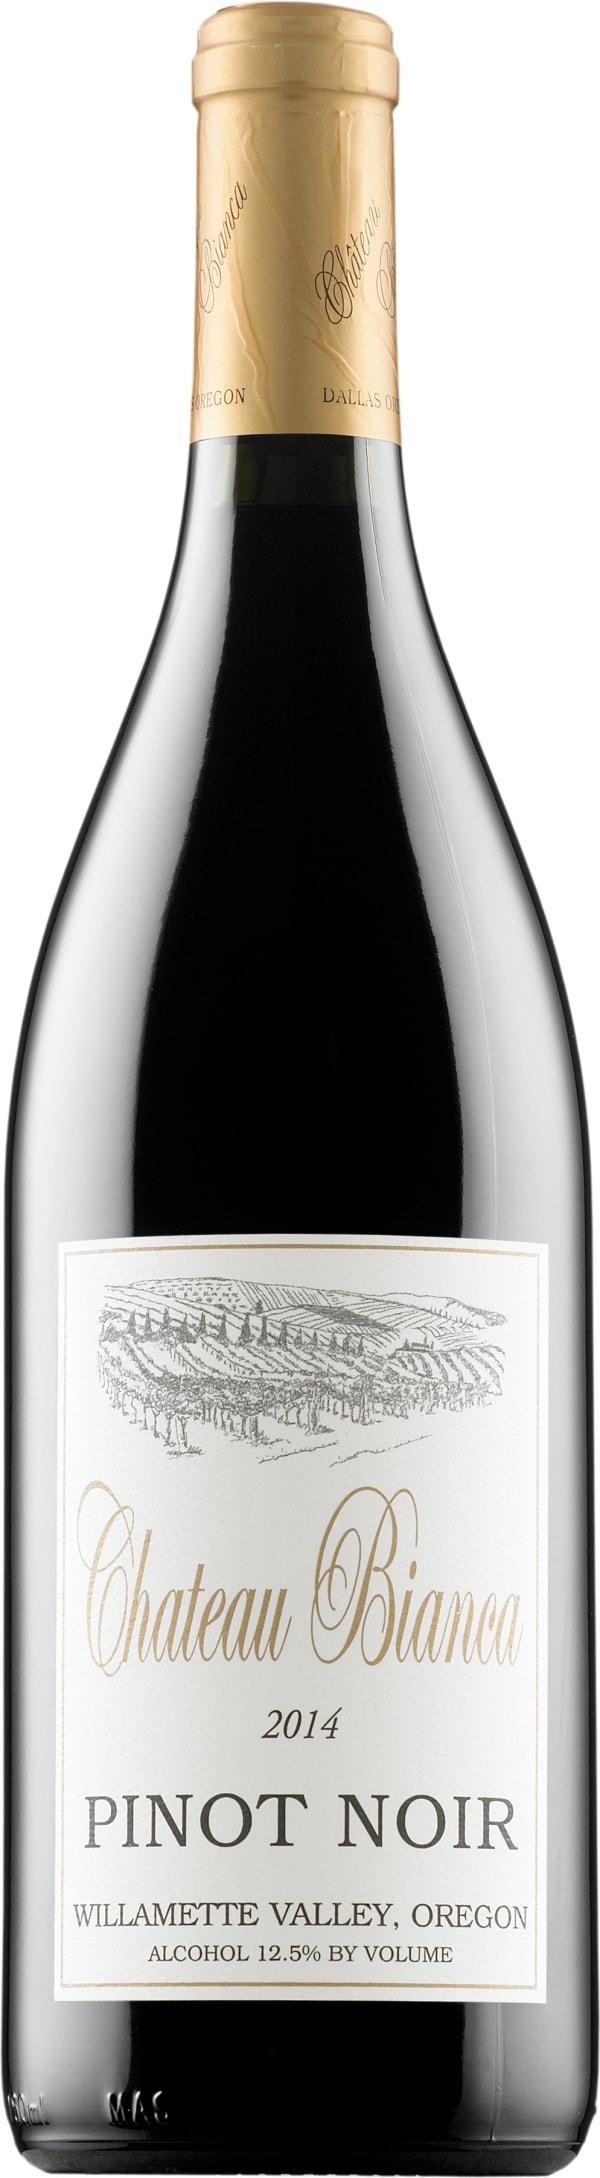 Château Bianca Pinot Noir 2015